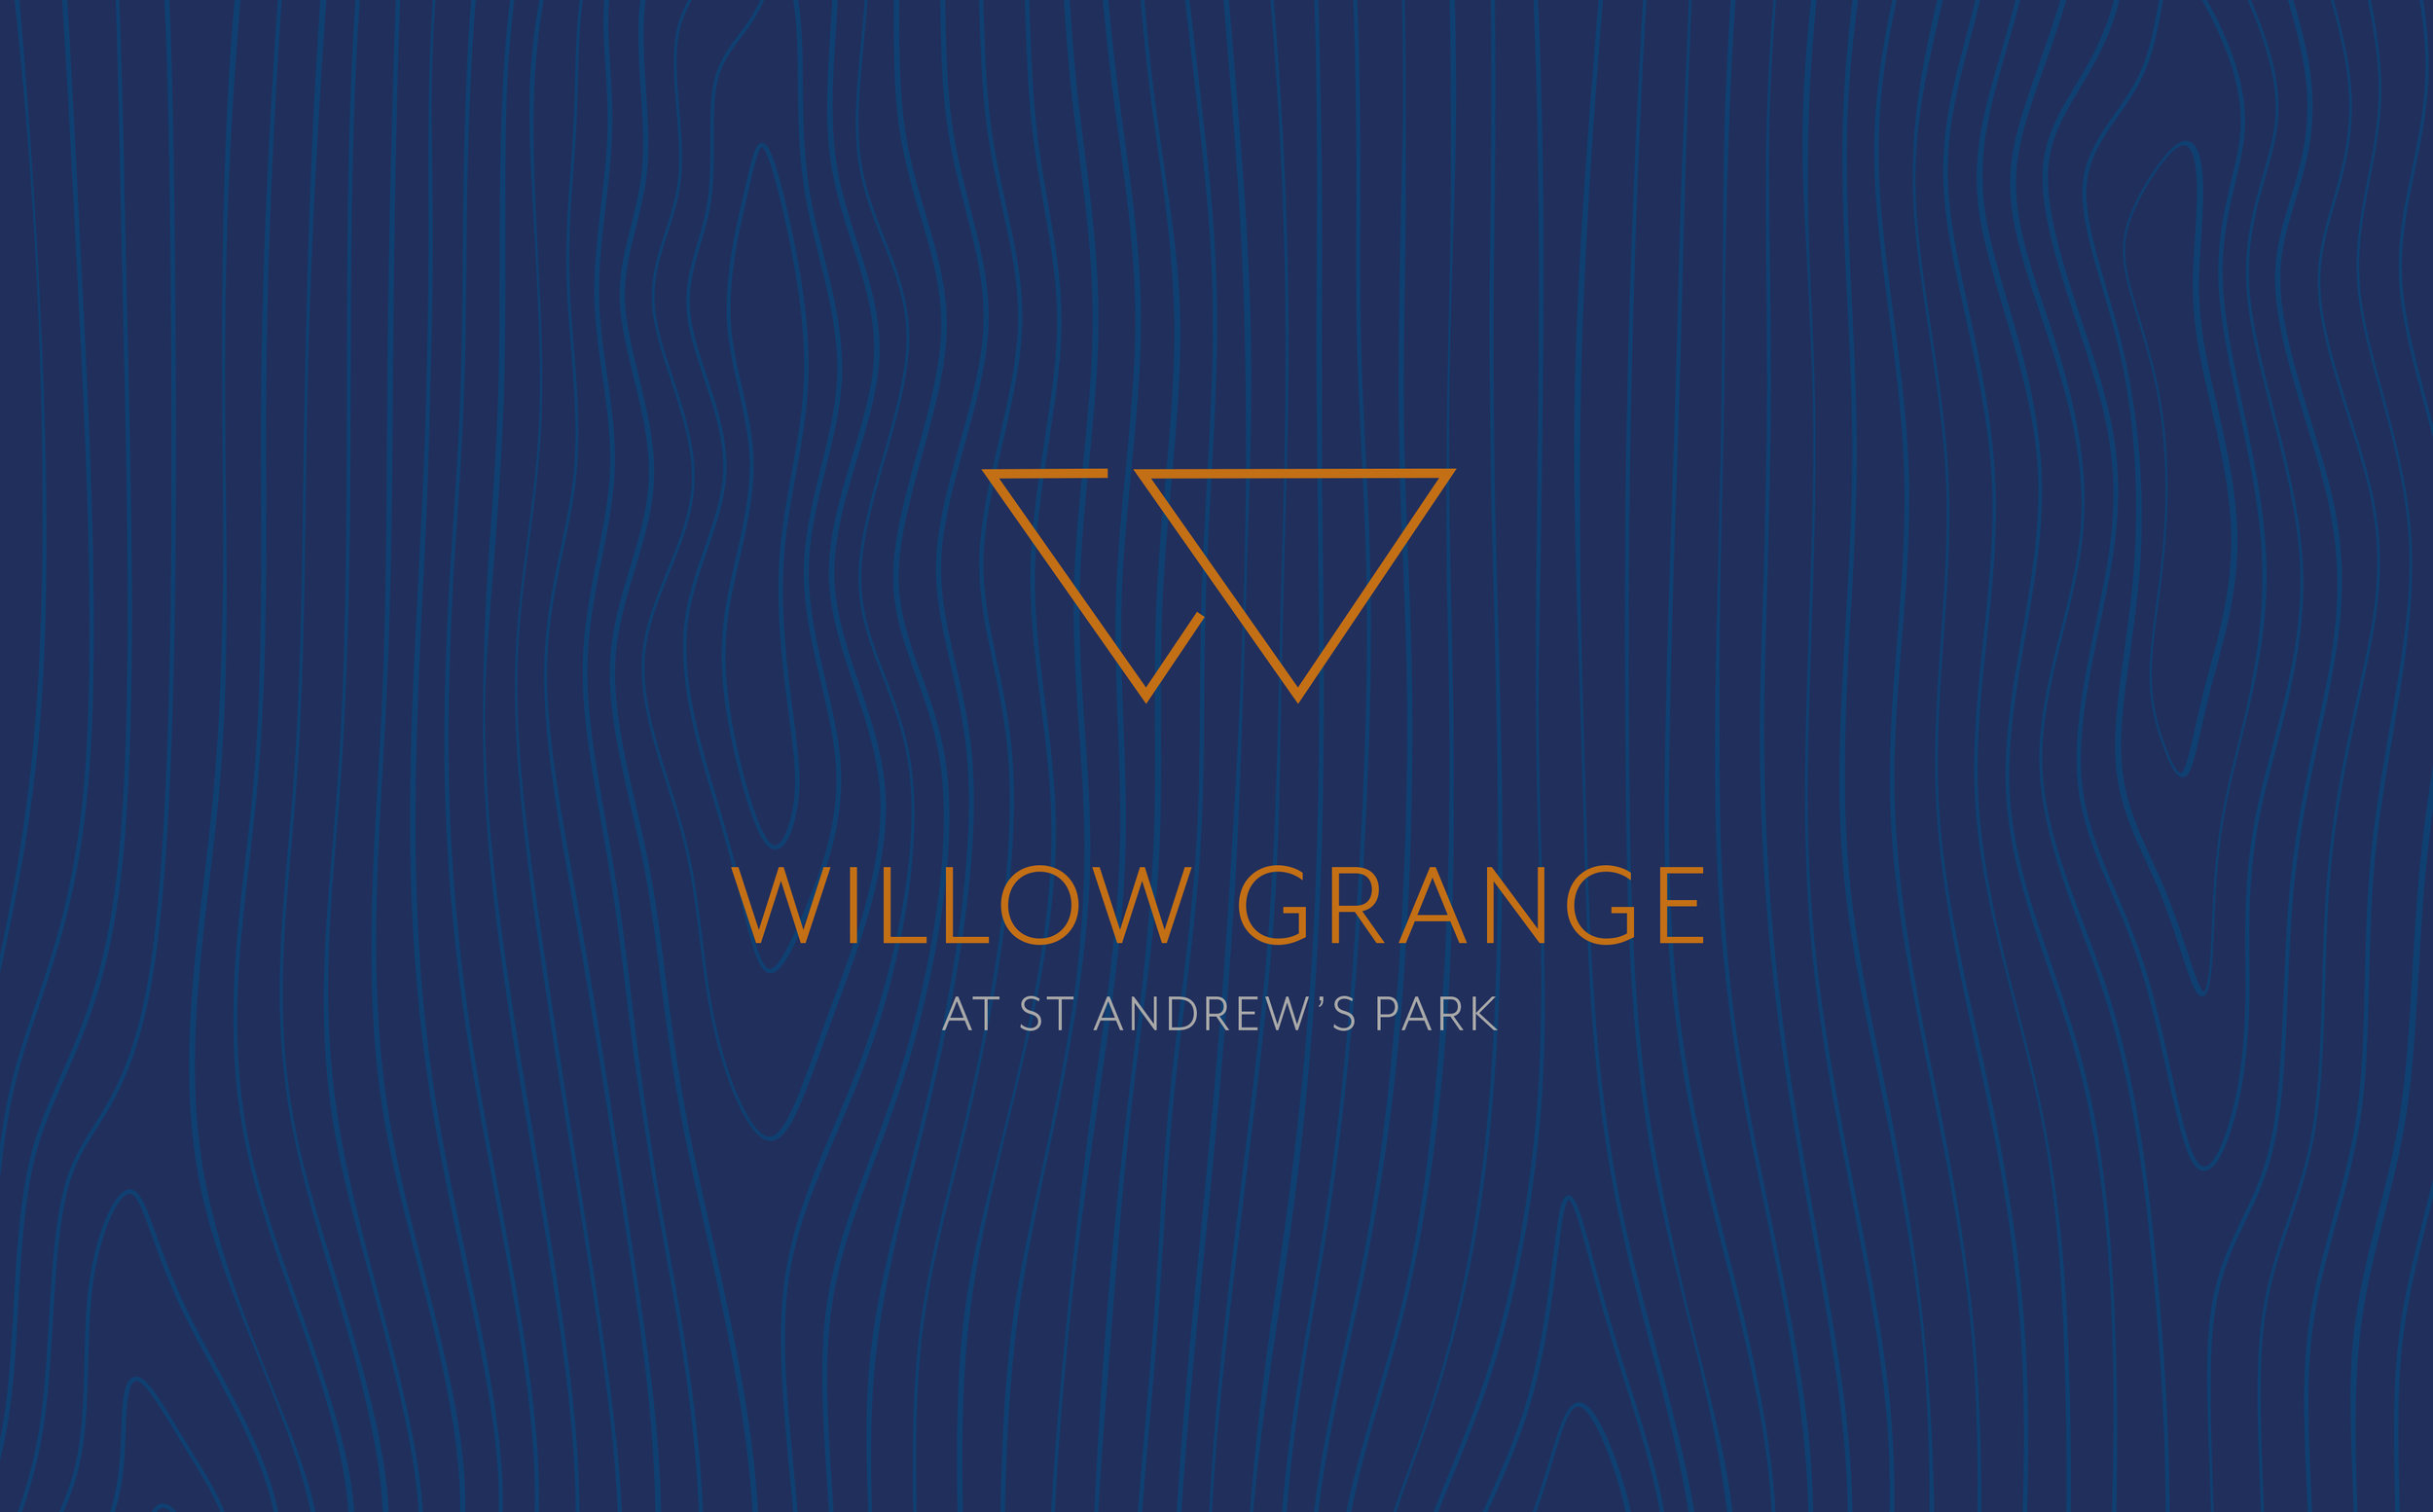 Willow grange logo.jpg